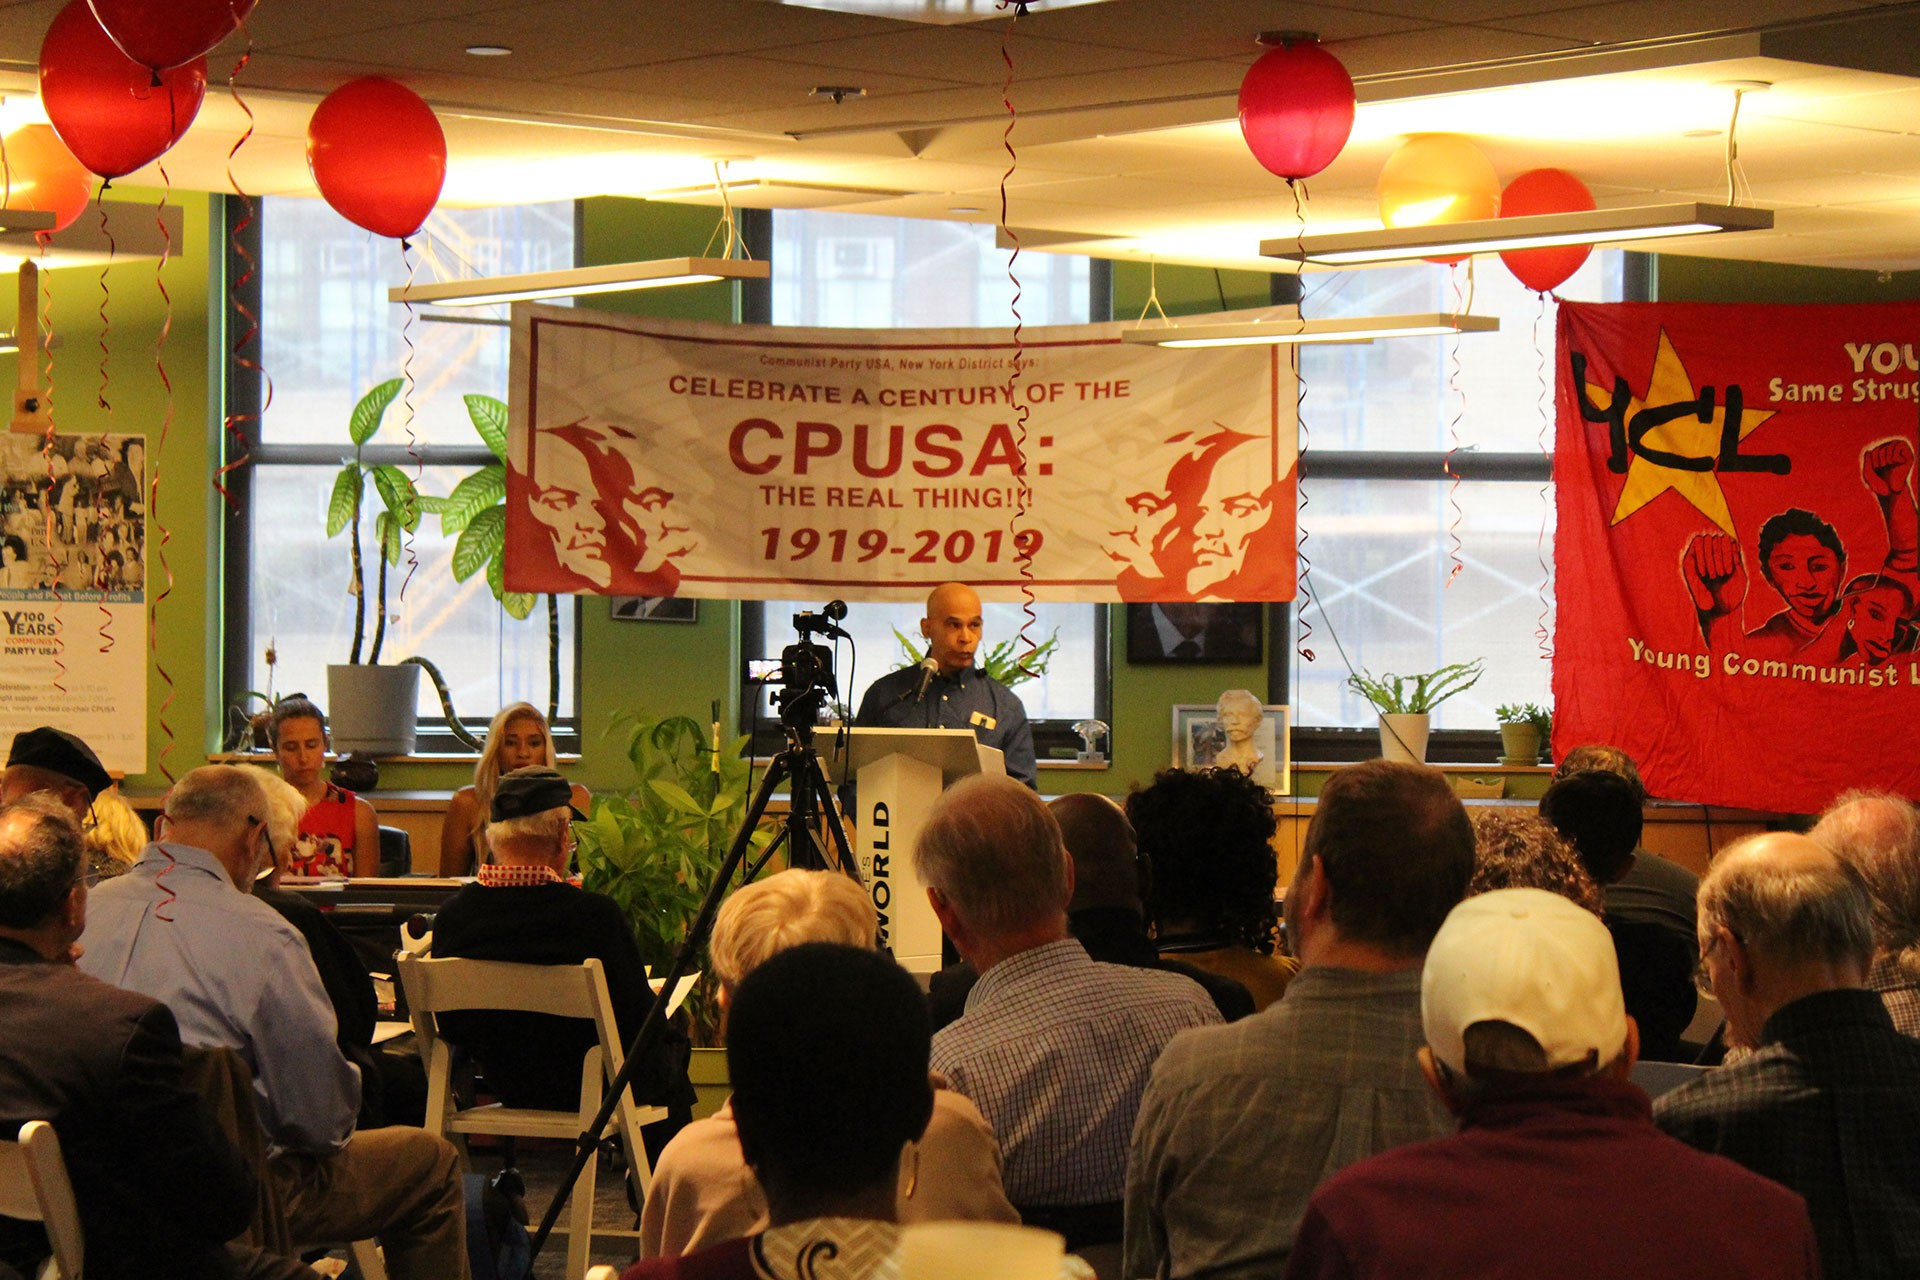 ABD Komünist Partisi, kuruluşunun 100. yıl dönümünü kutladı